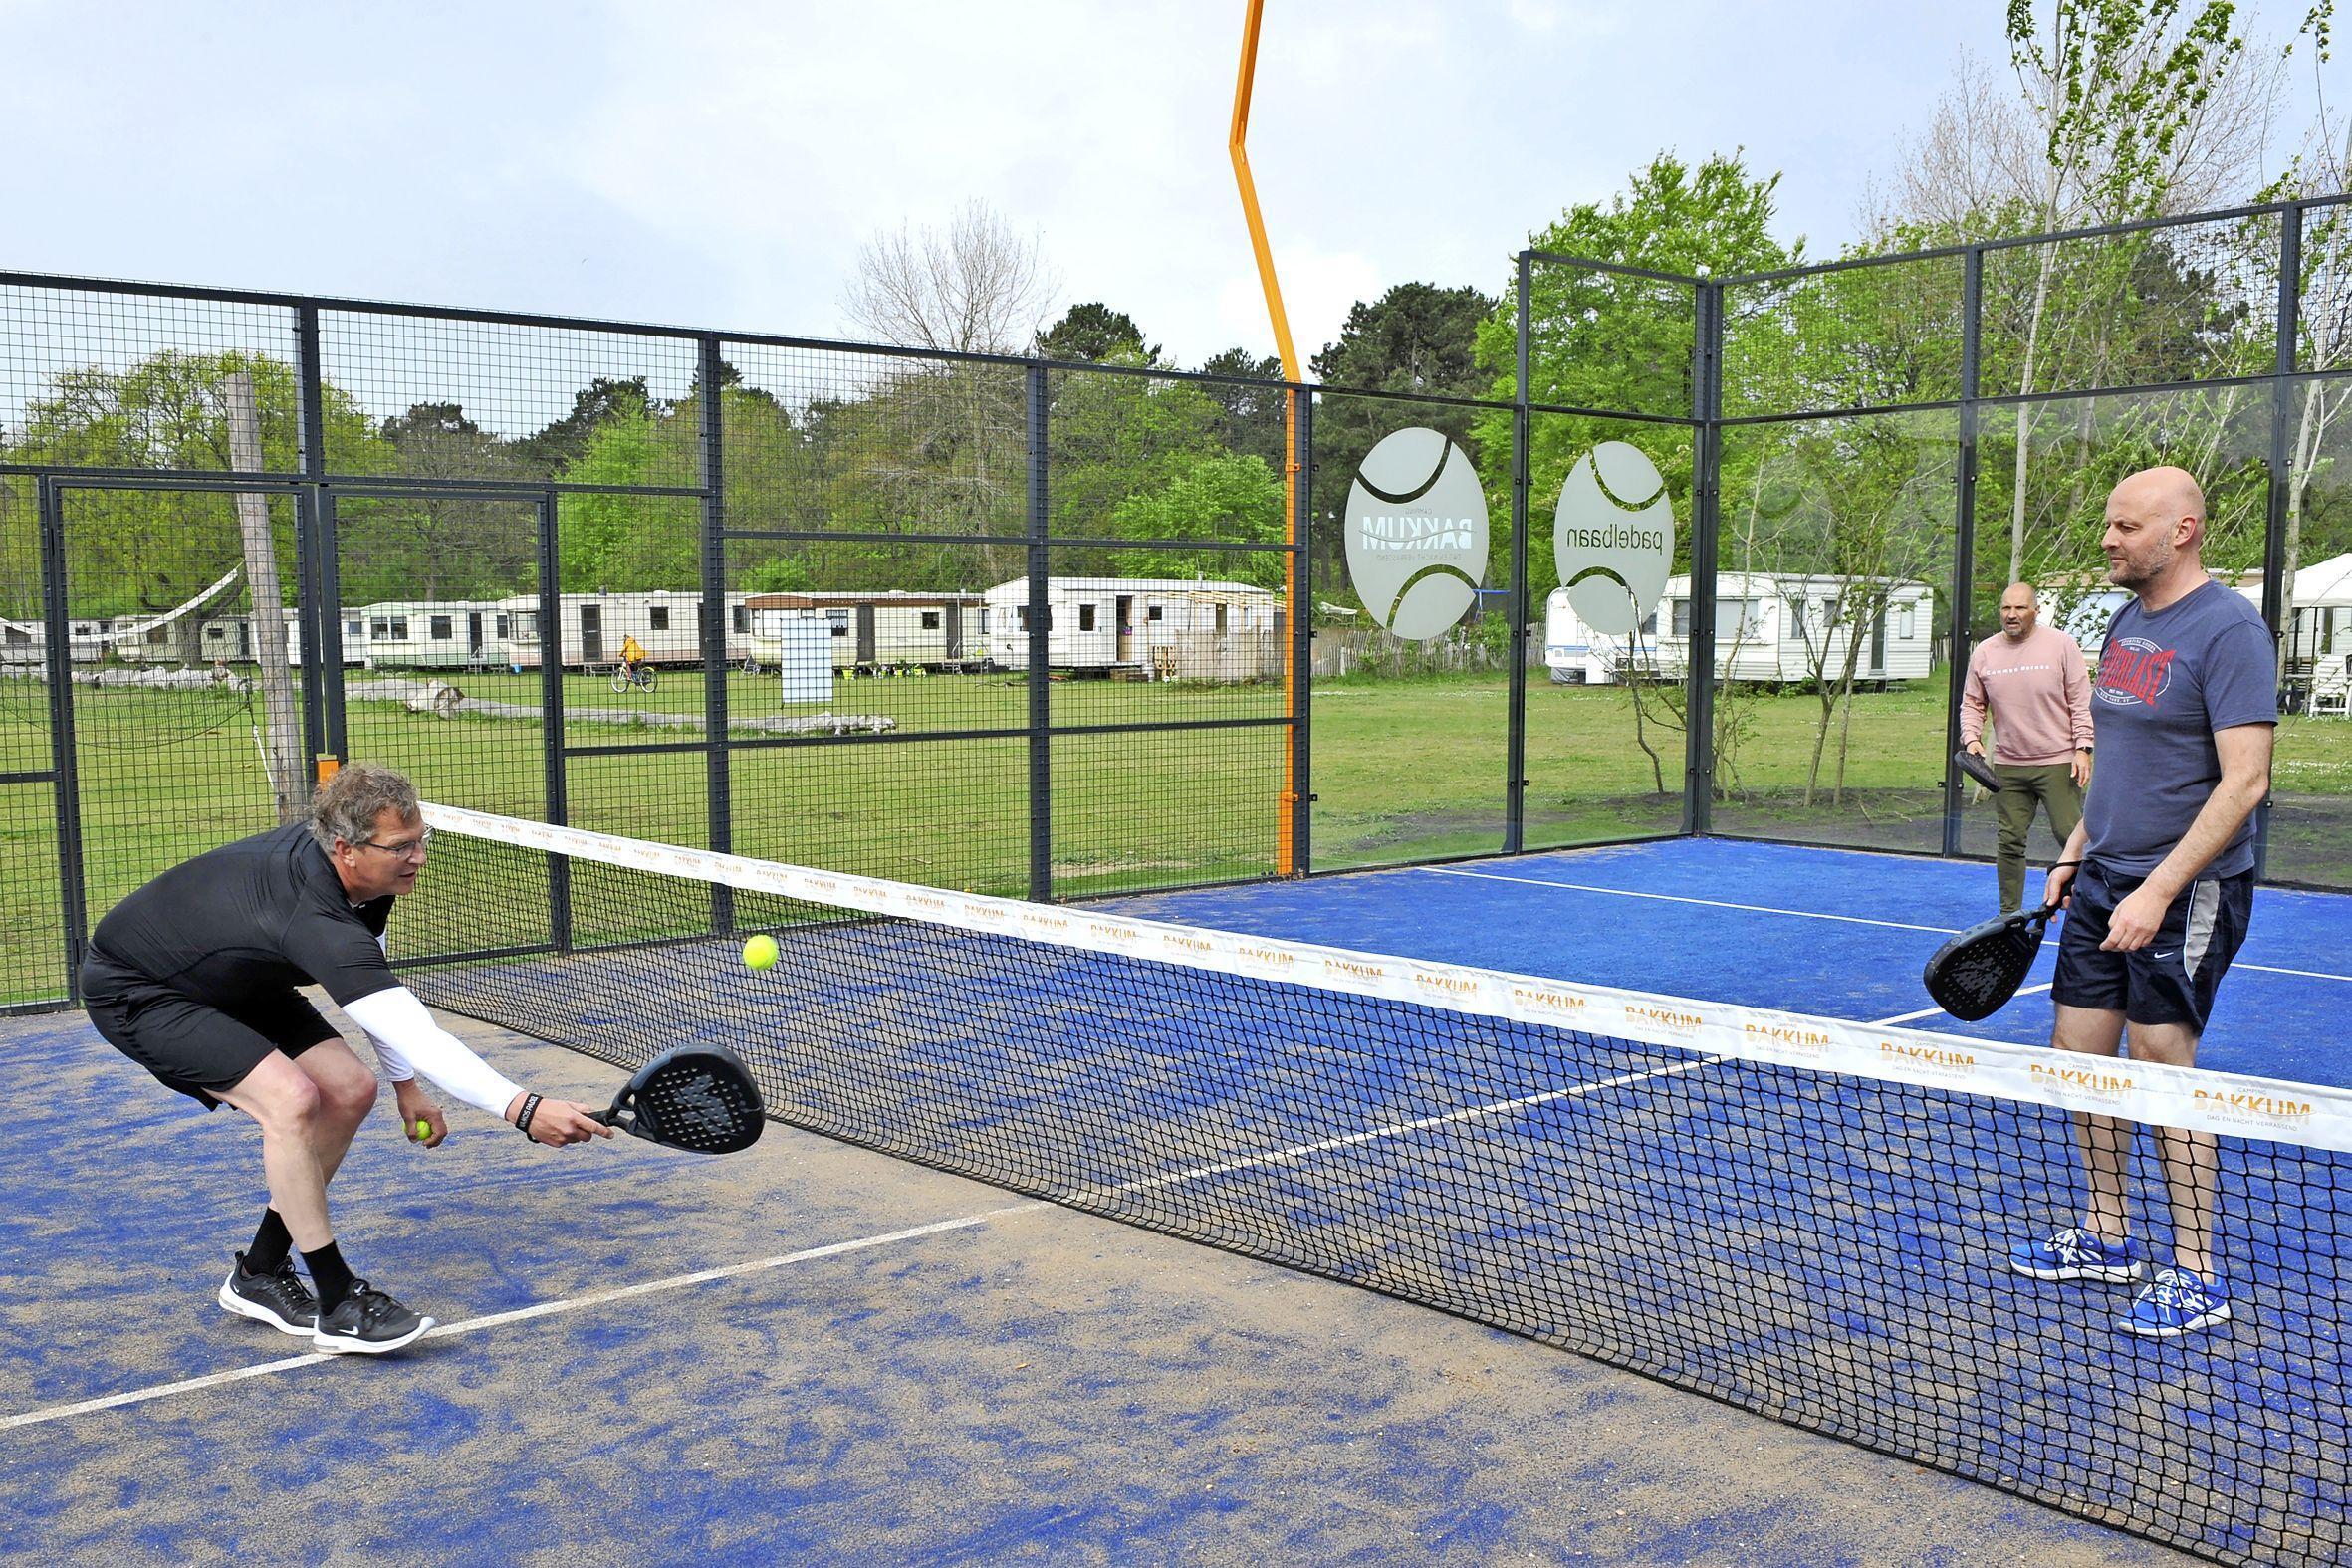 Padel, het kleine broertje van tennis, is bezig aan een opmars. Door de populariteit is een baan reserveren niet makkelijk: 'Het is puur lol maken'